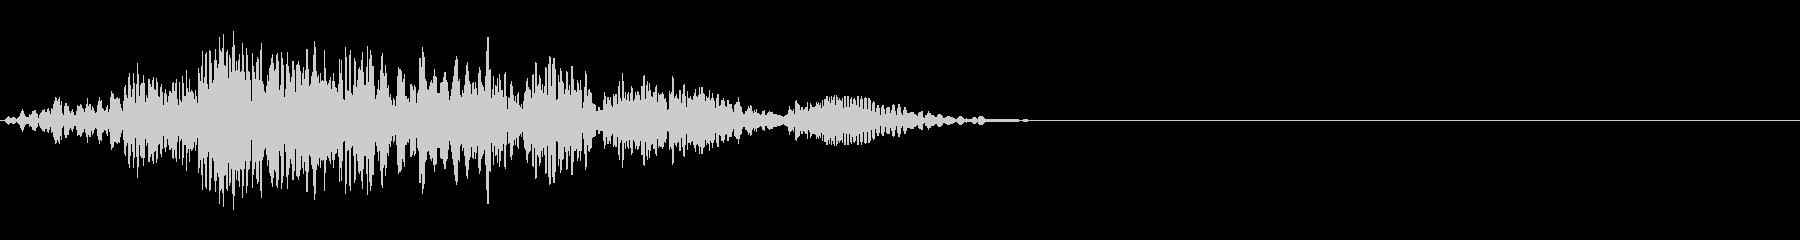 進化する液体機械、形状の金属溶解の変化の未再生の波形